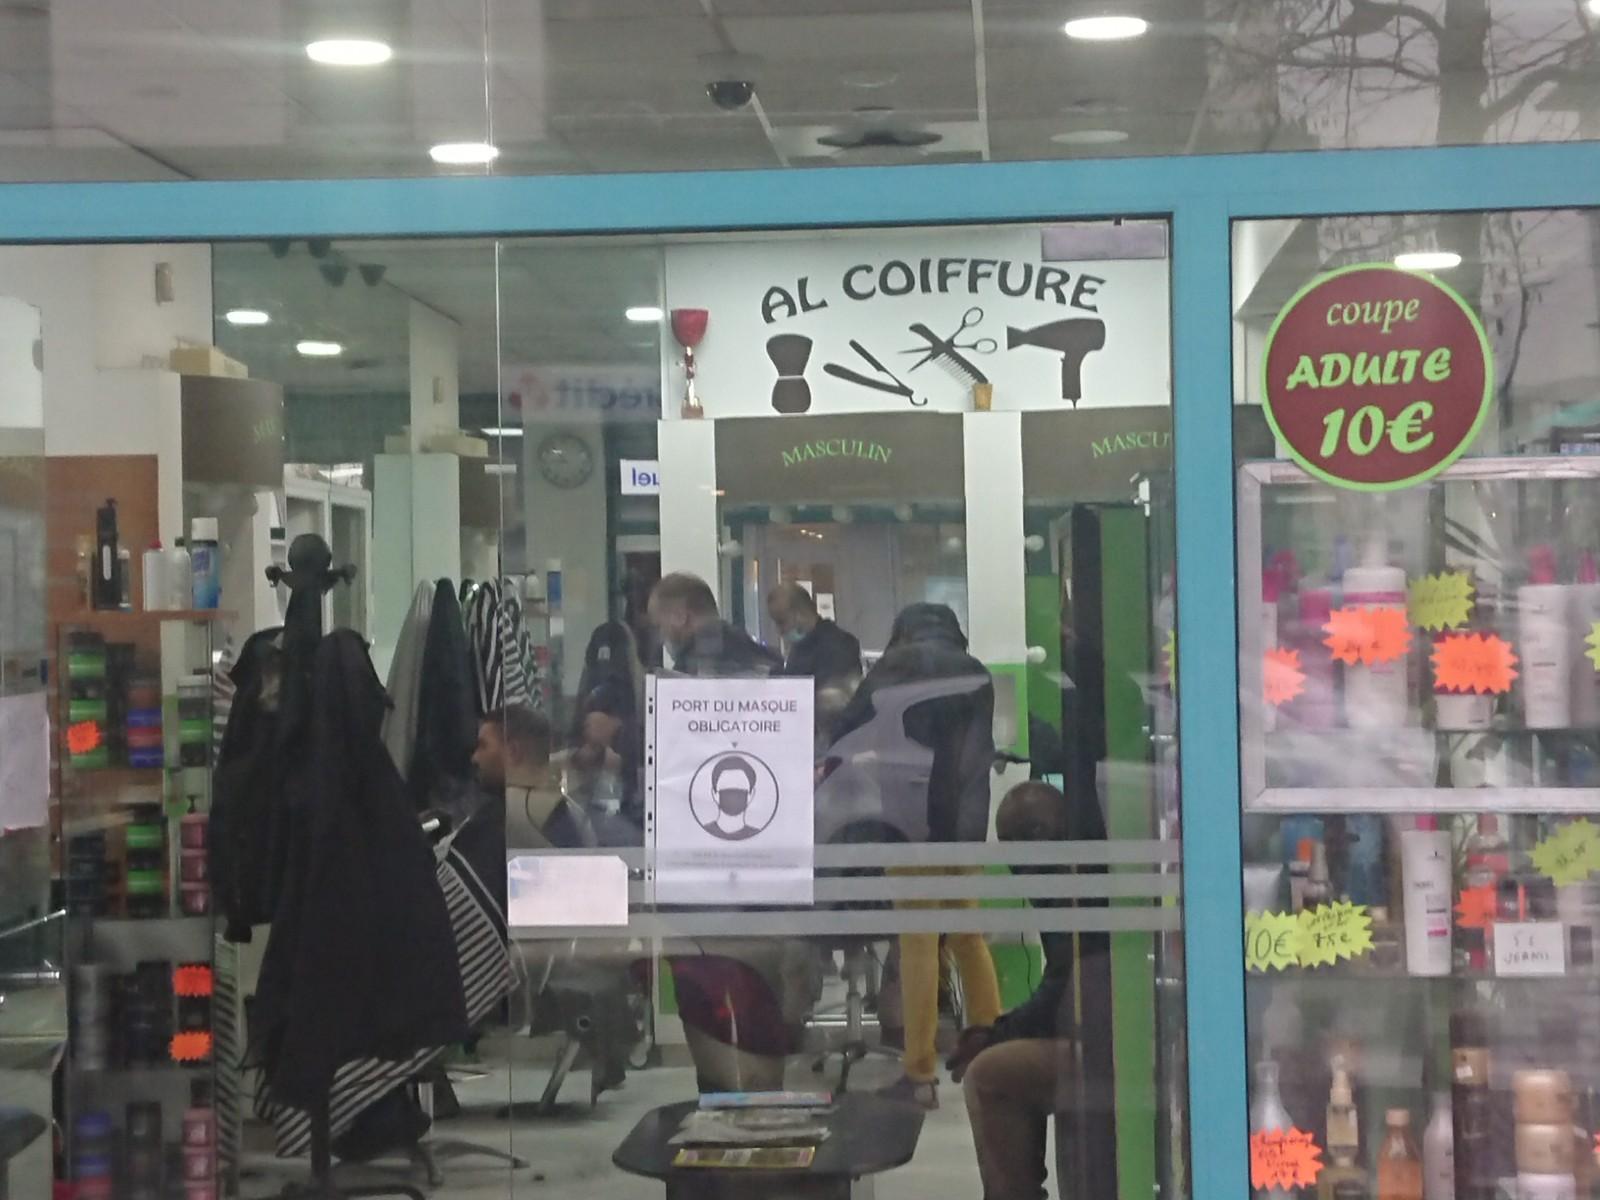 Al Coiffure